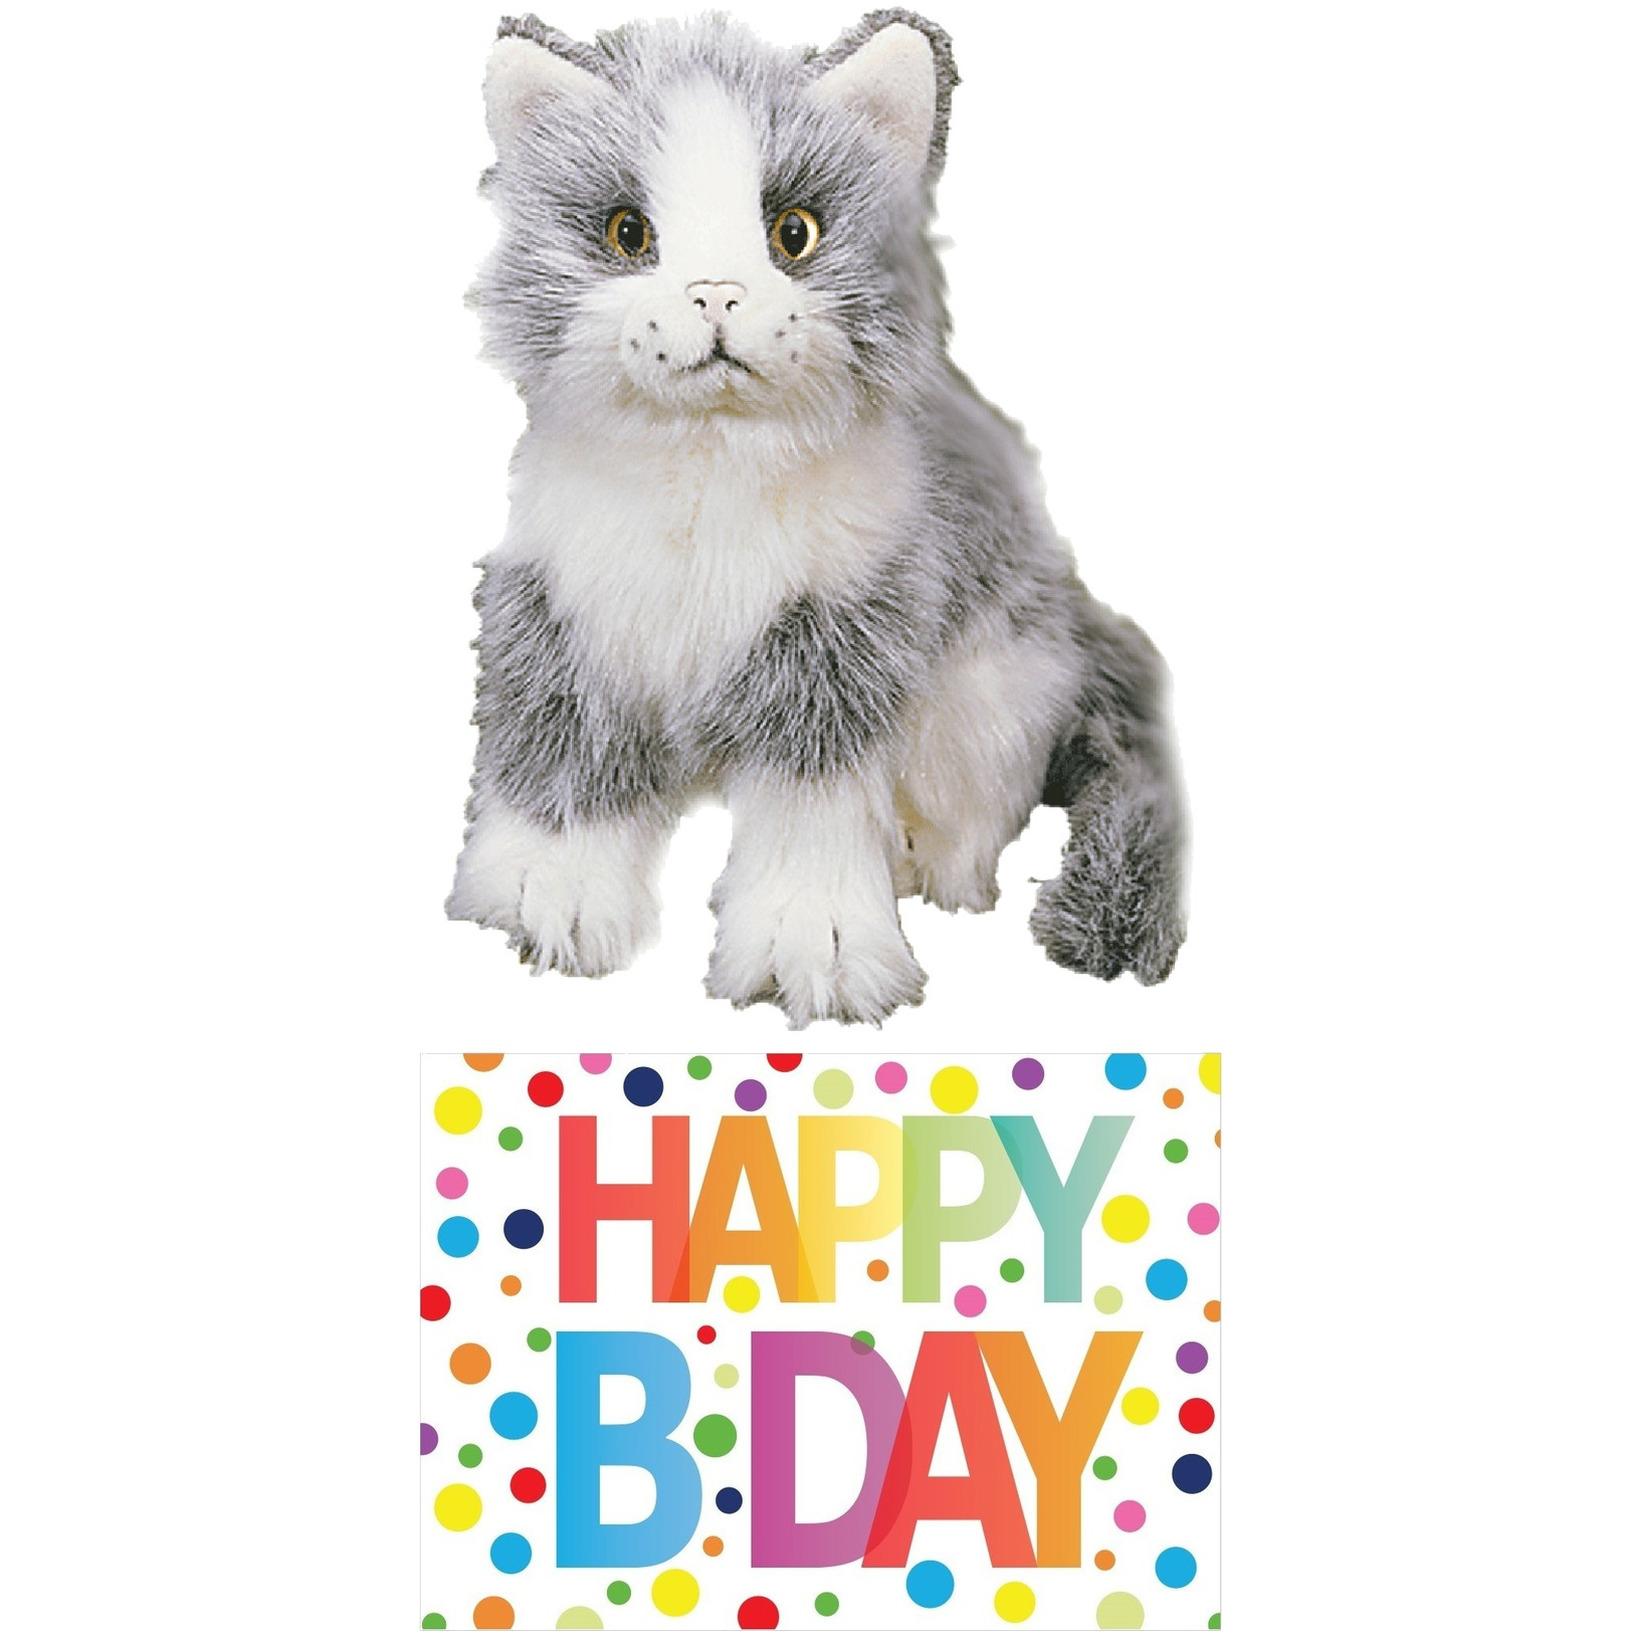 Cadeau setje pluche grijze kat/poes knuffel 20 cm met Happy Birthday wenskaart